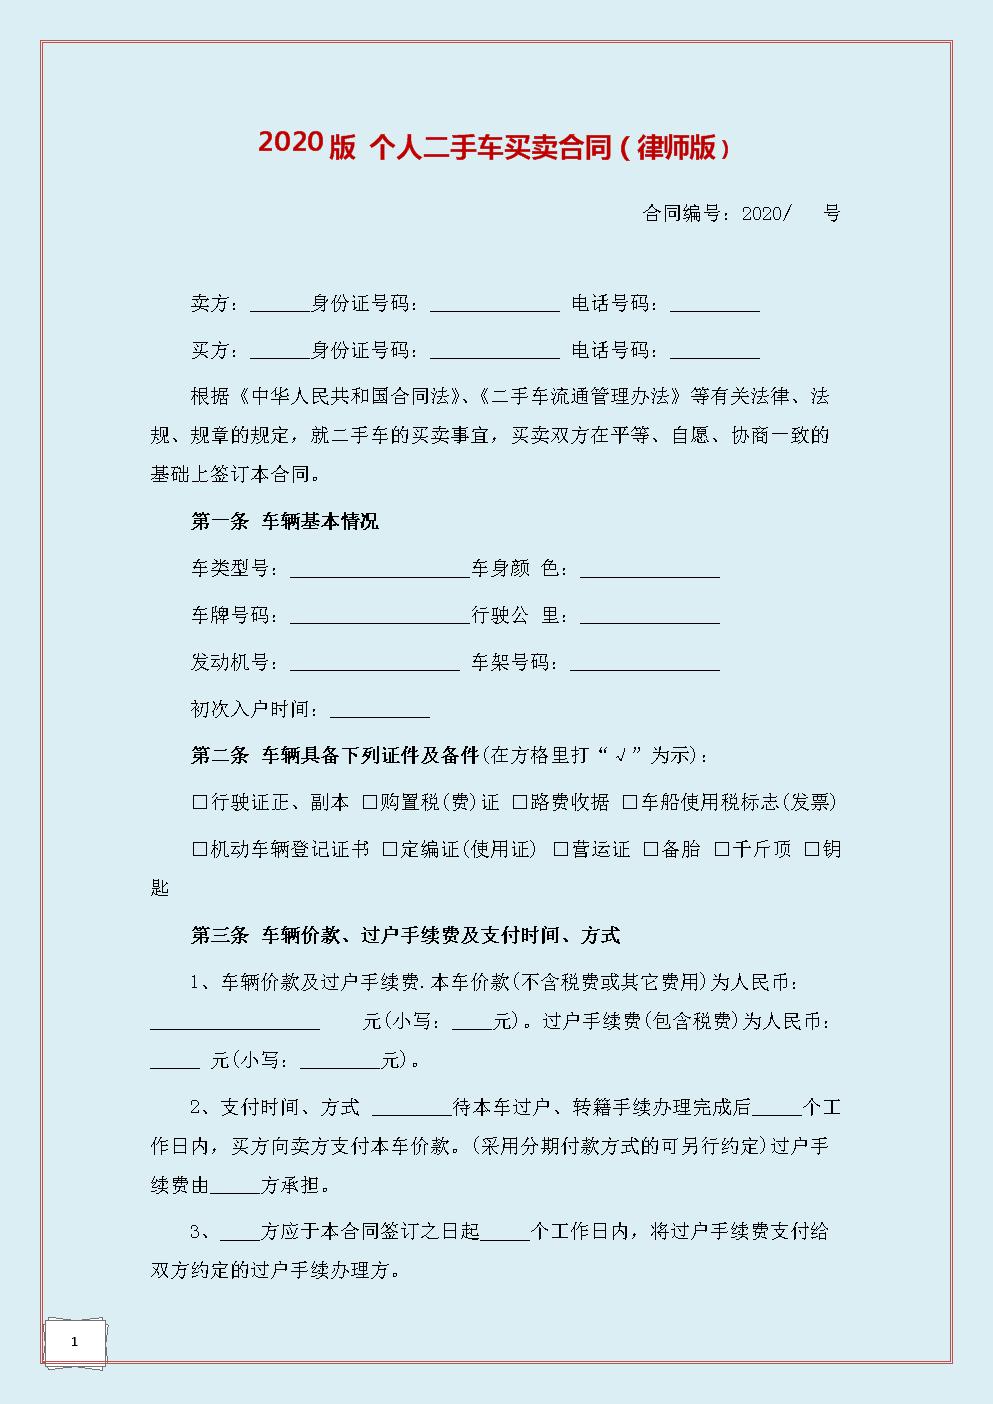 2020版个人二手车买卖合同(律师版).docx